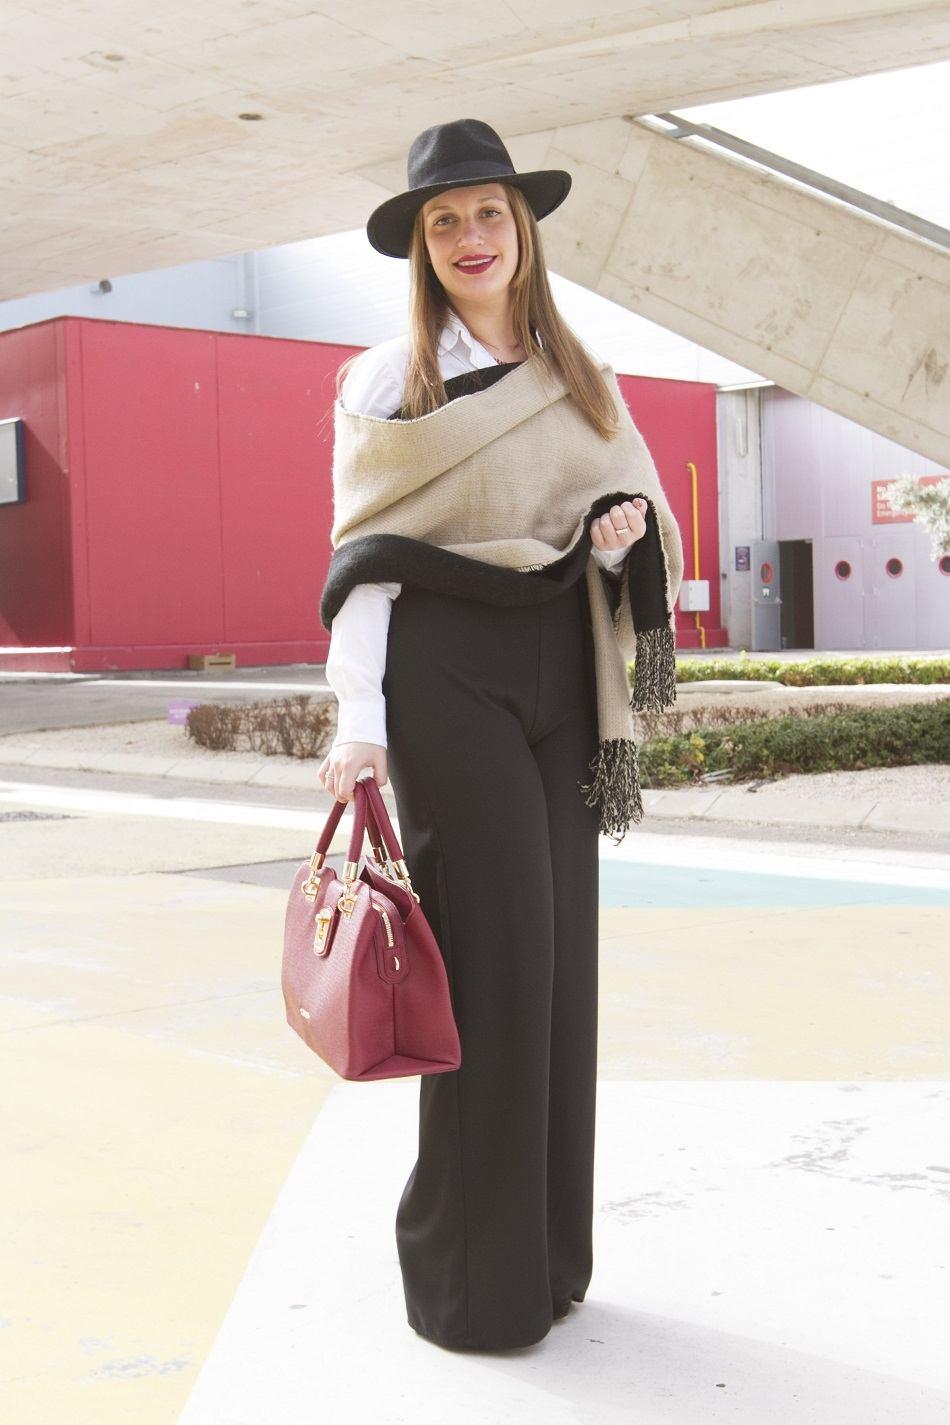 Maria Luisa Valdivieso wears Zara pants